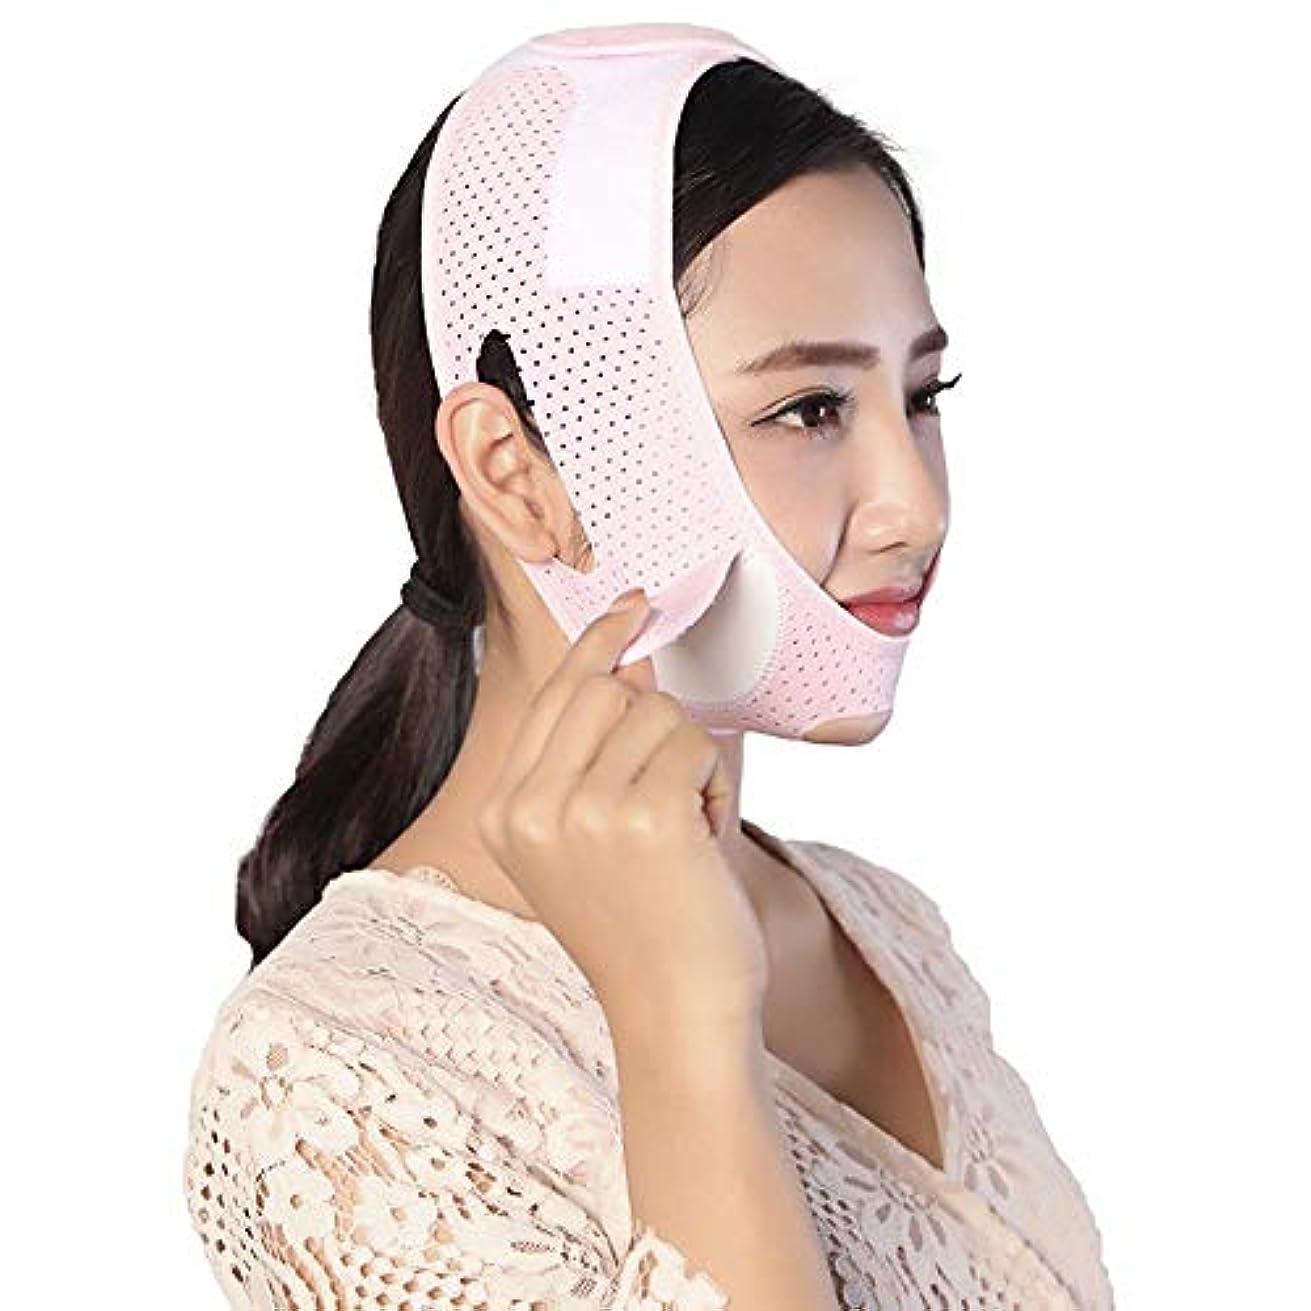 プレゼンシットコム中央値フェイスリフトベルト 薄い顔のバンド - 薄い顔の包帯は、ダブルの顎の法令Vをマスクするために持ち上げて睡眠マスクの通気